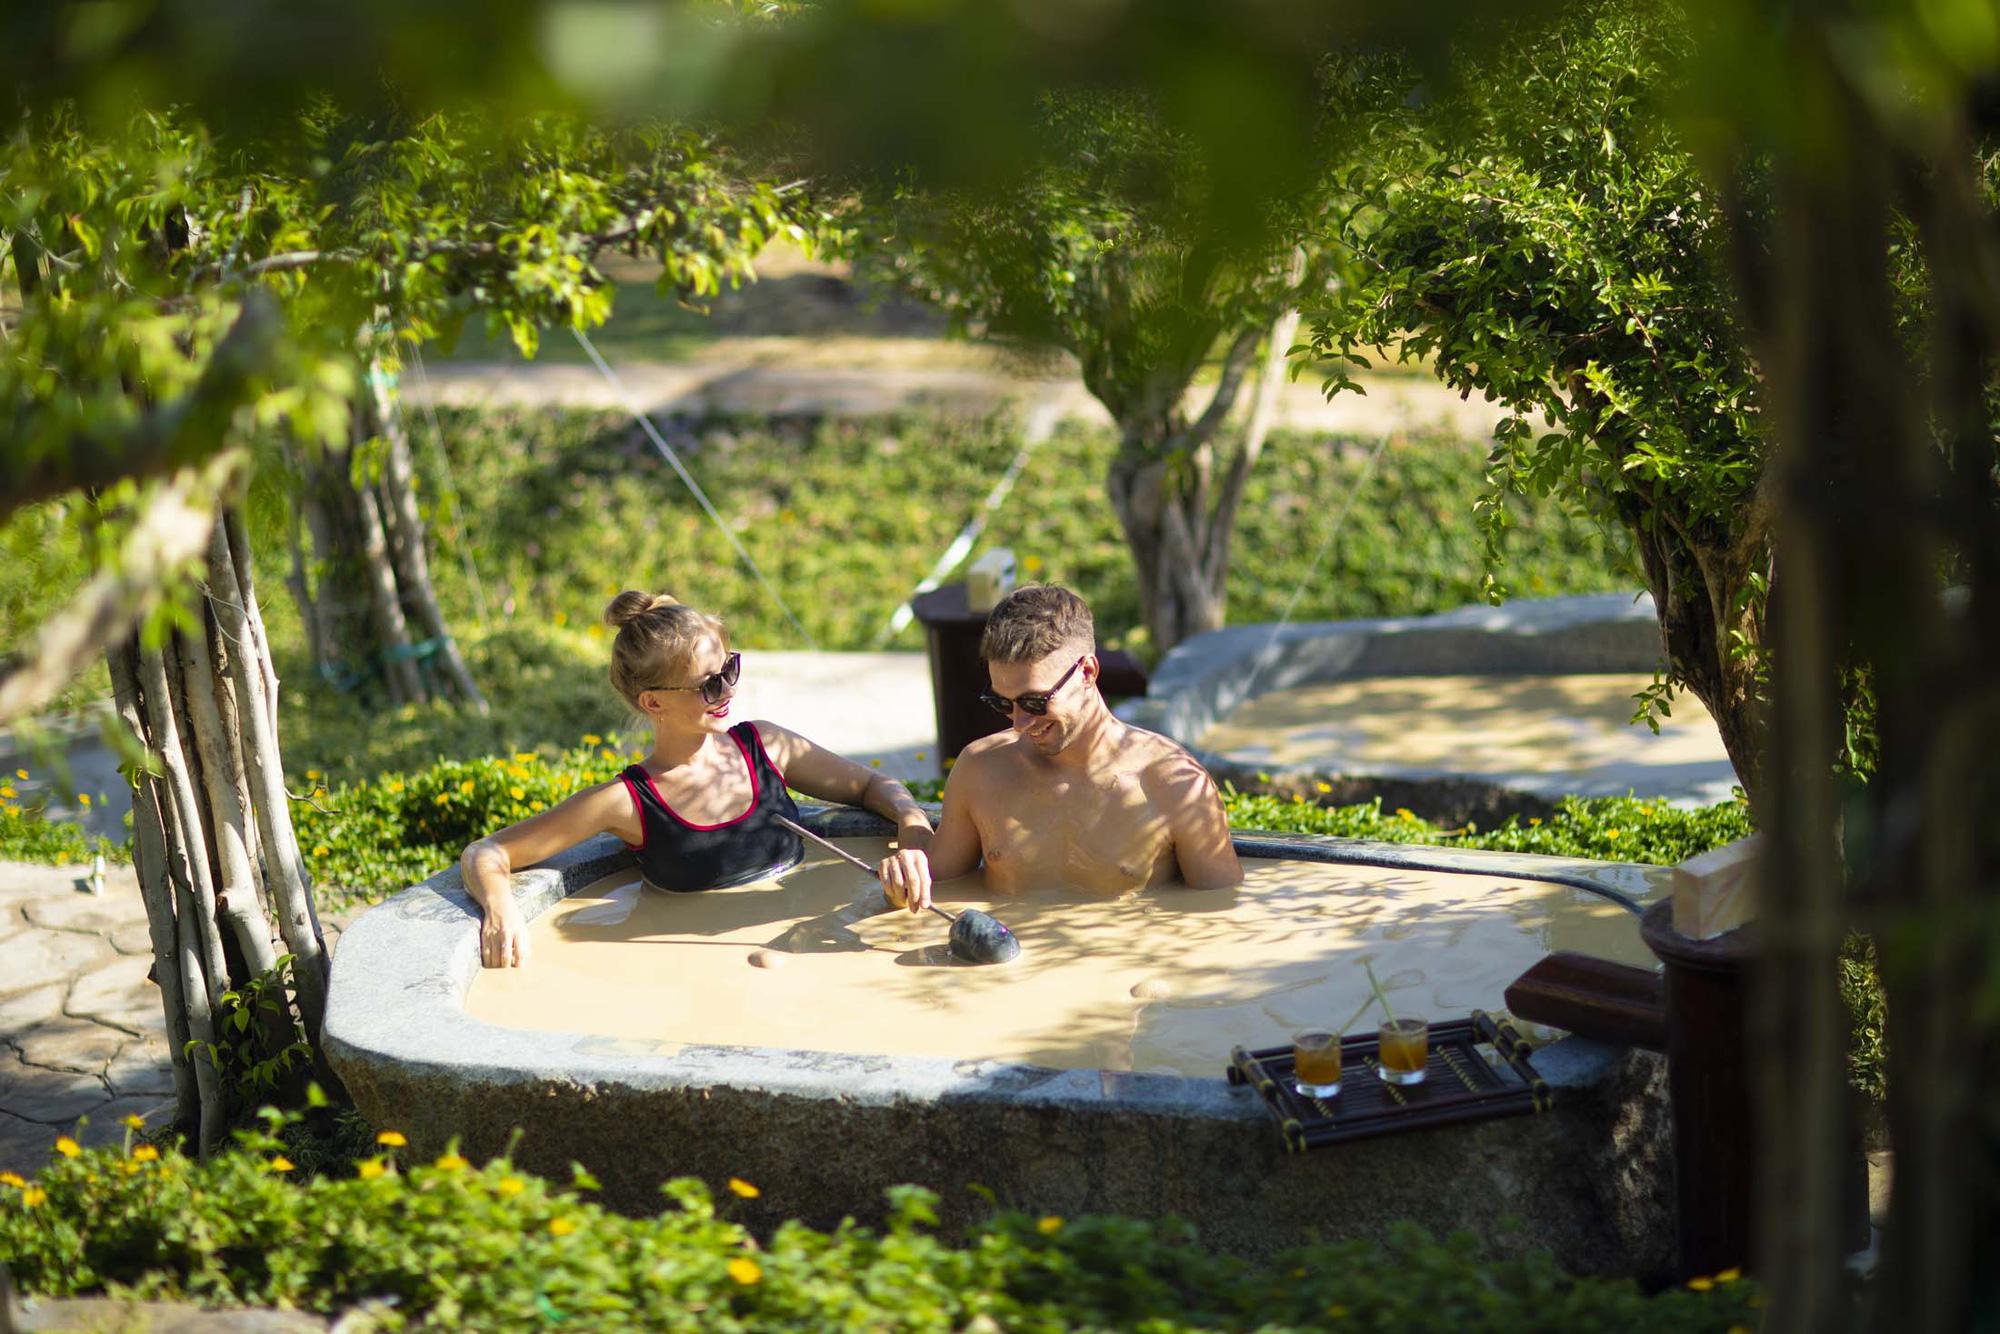 trải nghiệm cảm giác tắm bùn khoáng nóng tại Iresort